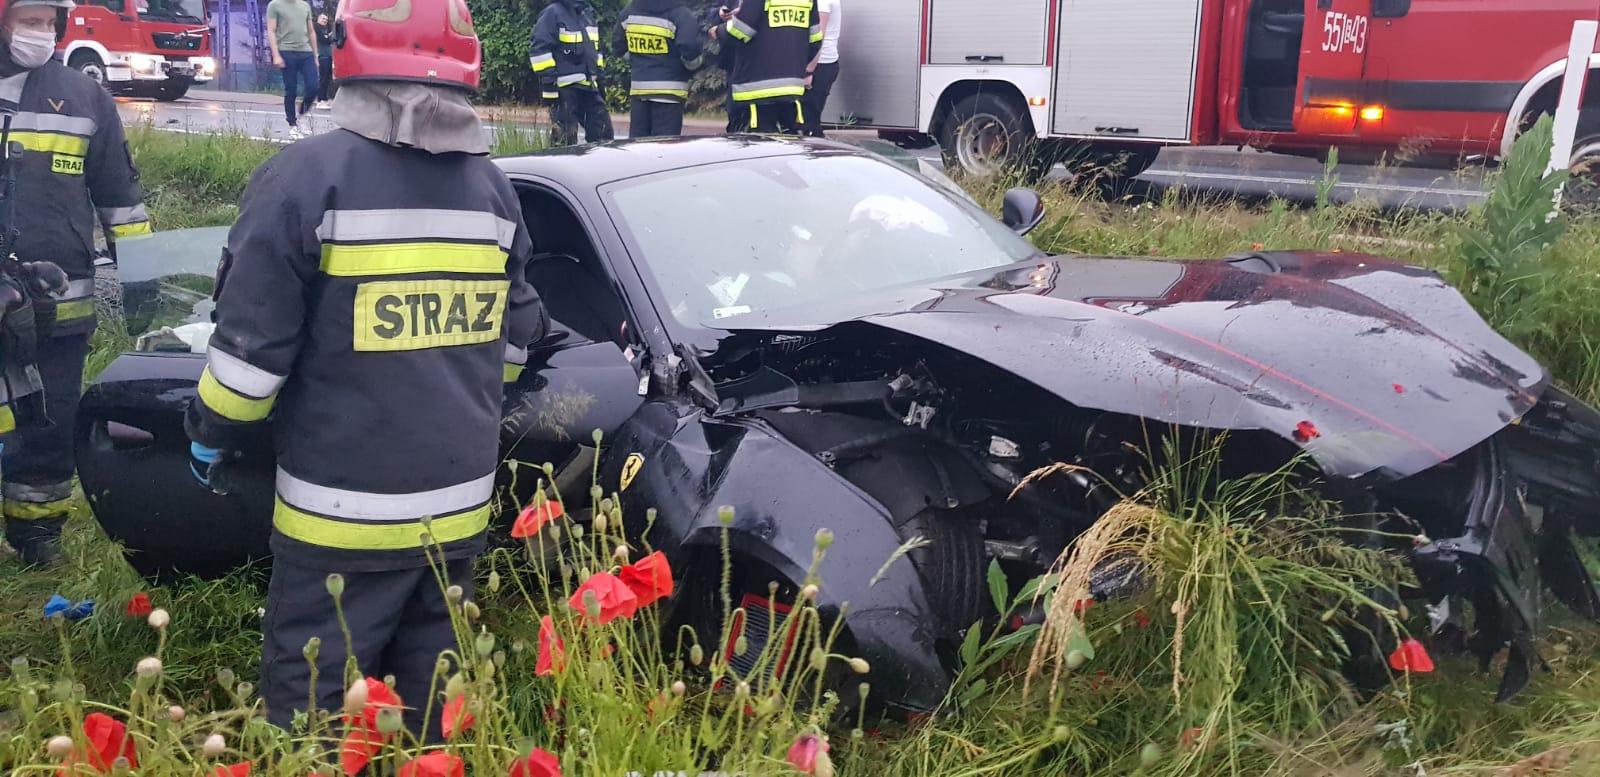 Foto: asp. sztab. Wojciech Zgodziński – JRG Wieluń/ Komenda Powiatowa Państwowej Straży Pożarnej w Wieluniu